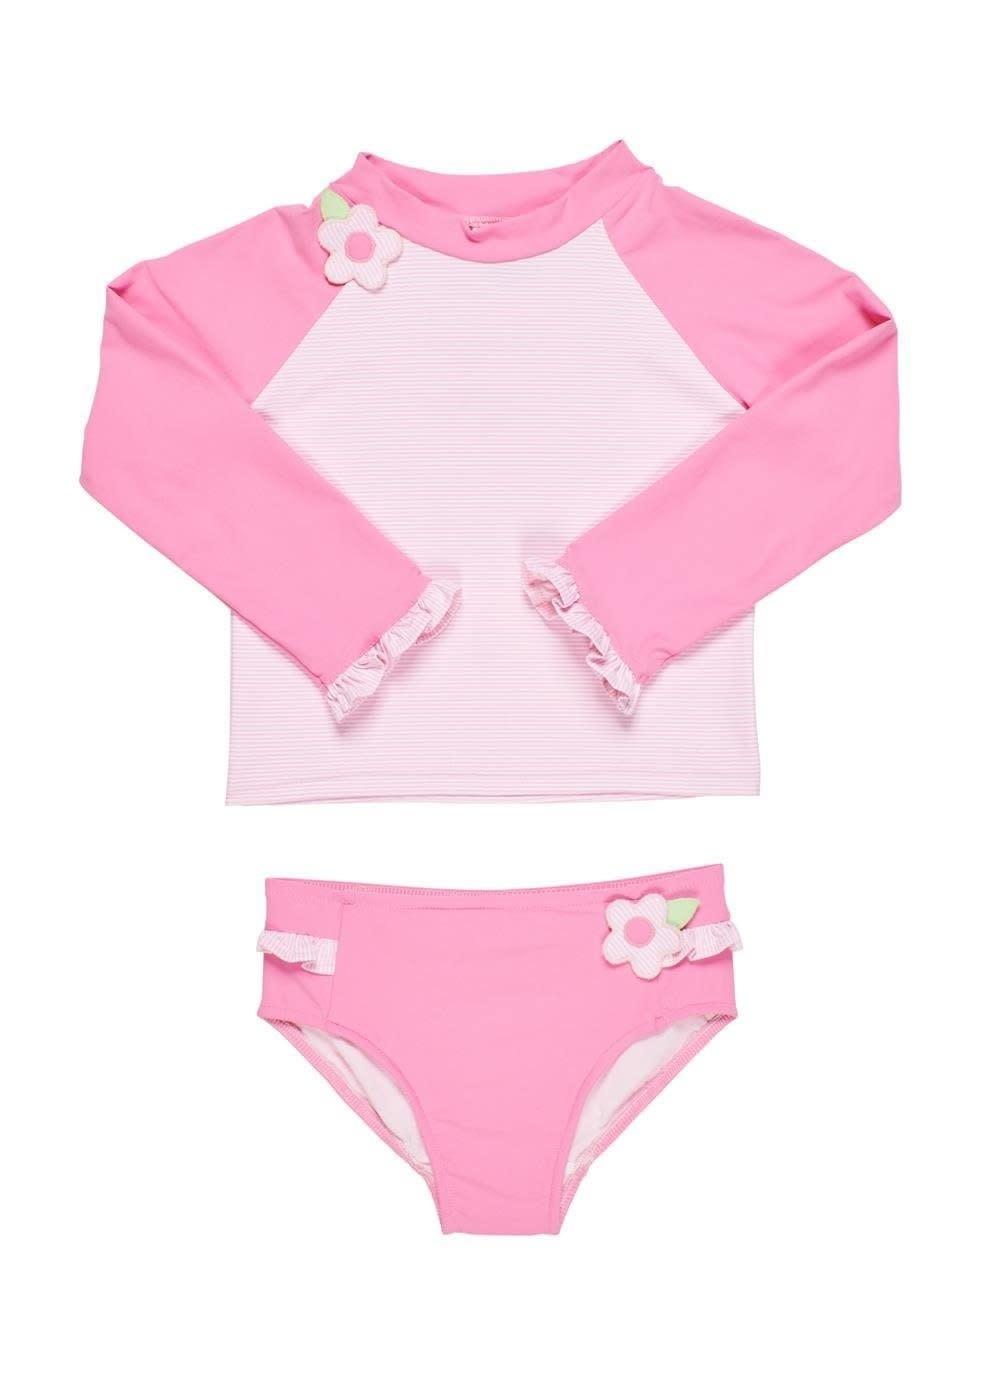 Florence Eiseman Pink Stripe Rash Guard Suit